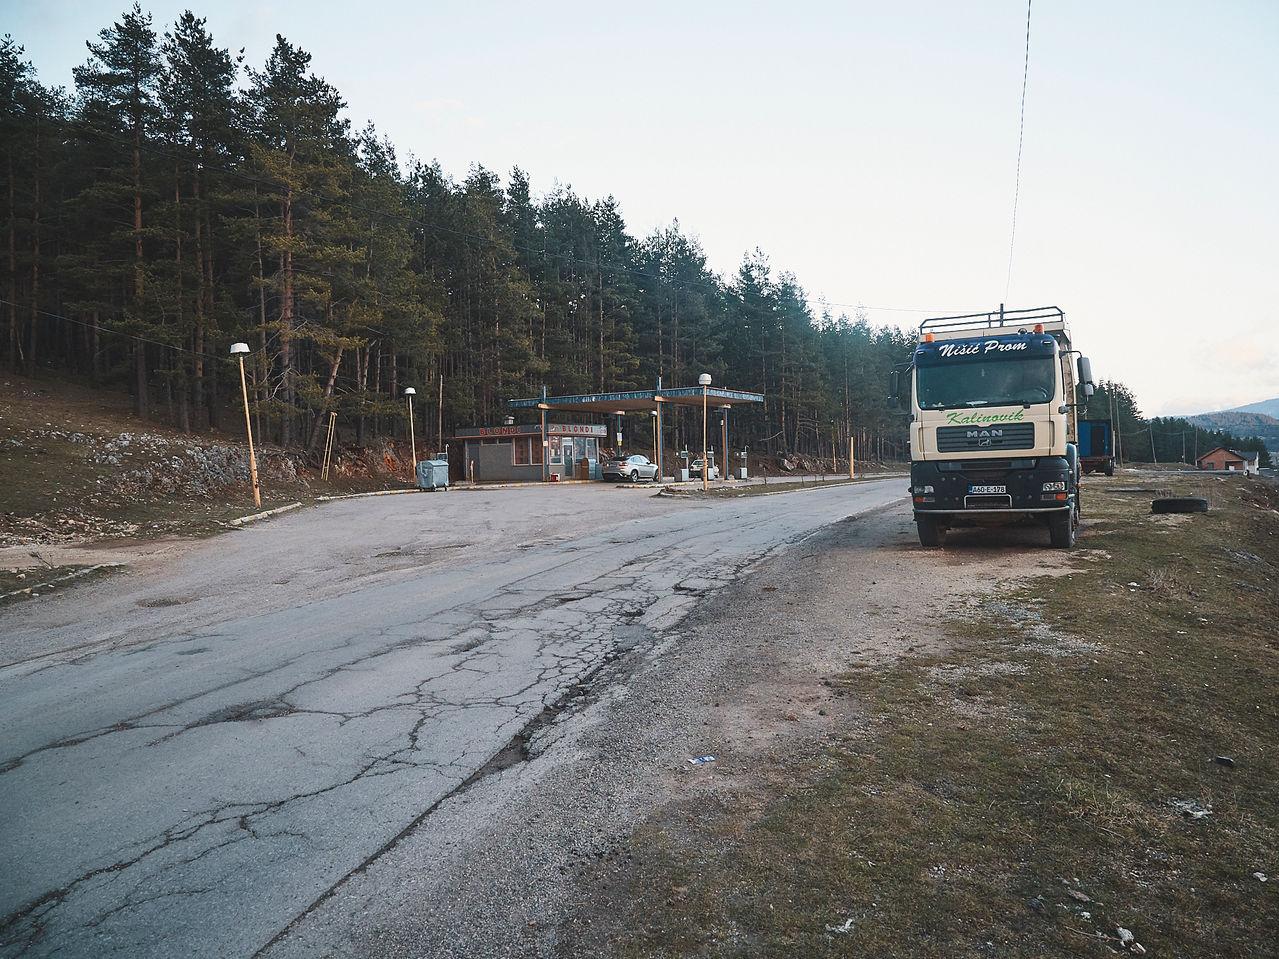 deux pas vers l'autre, 2PVA, traversée de l'Europe, voyage à pied, randonnée ultralight, europe, bosnie-herzégovine, bosnie, randonnée bosnie, kalinovik